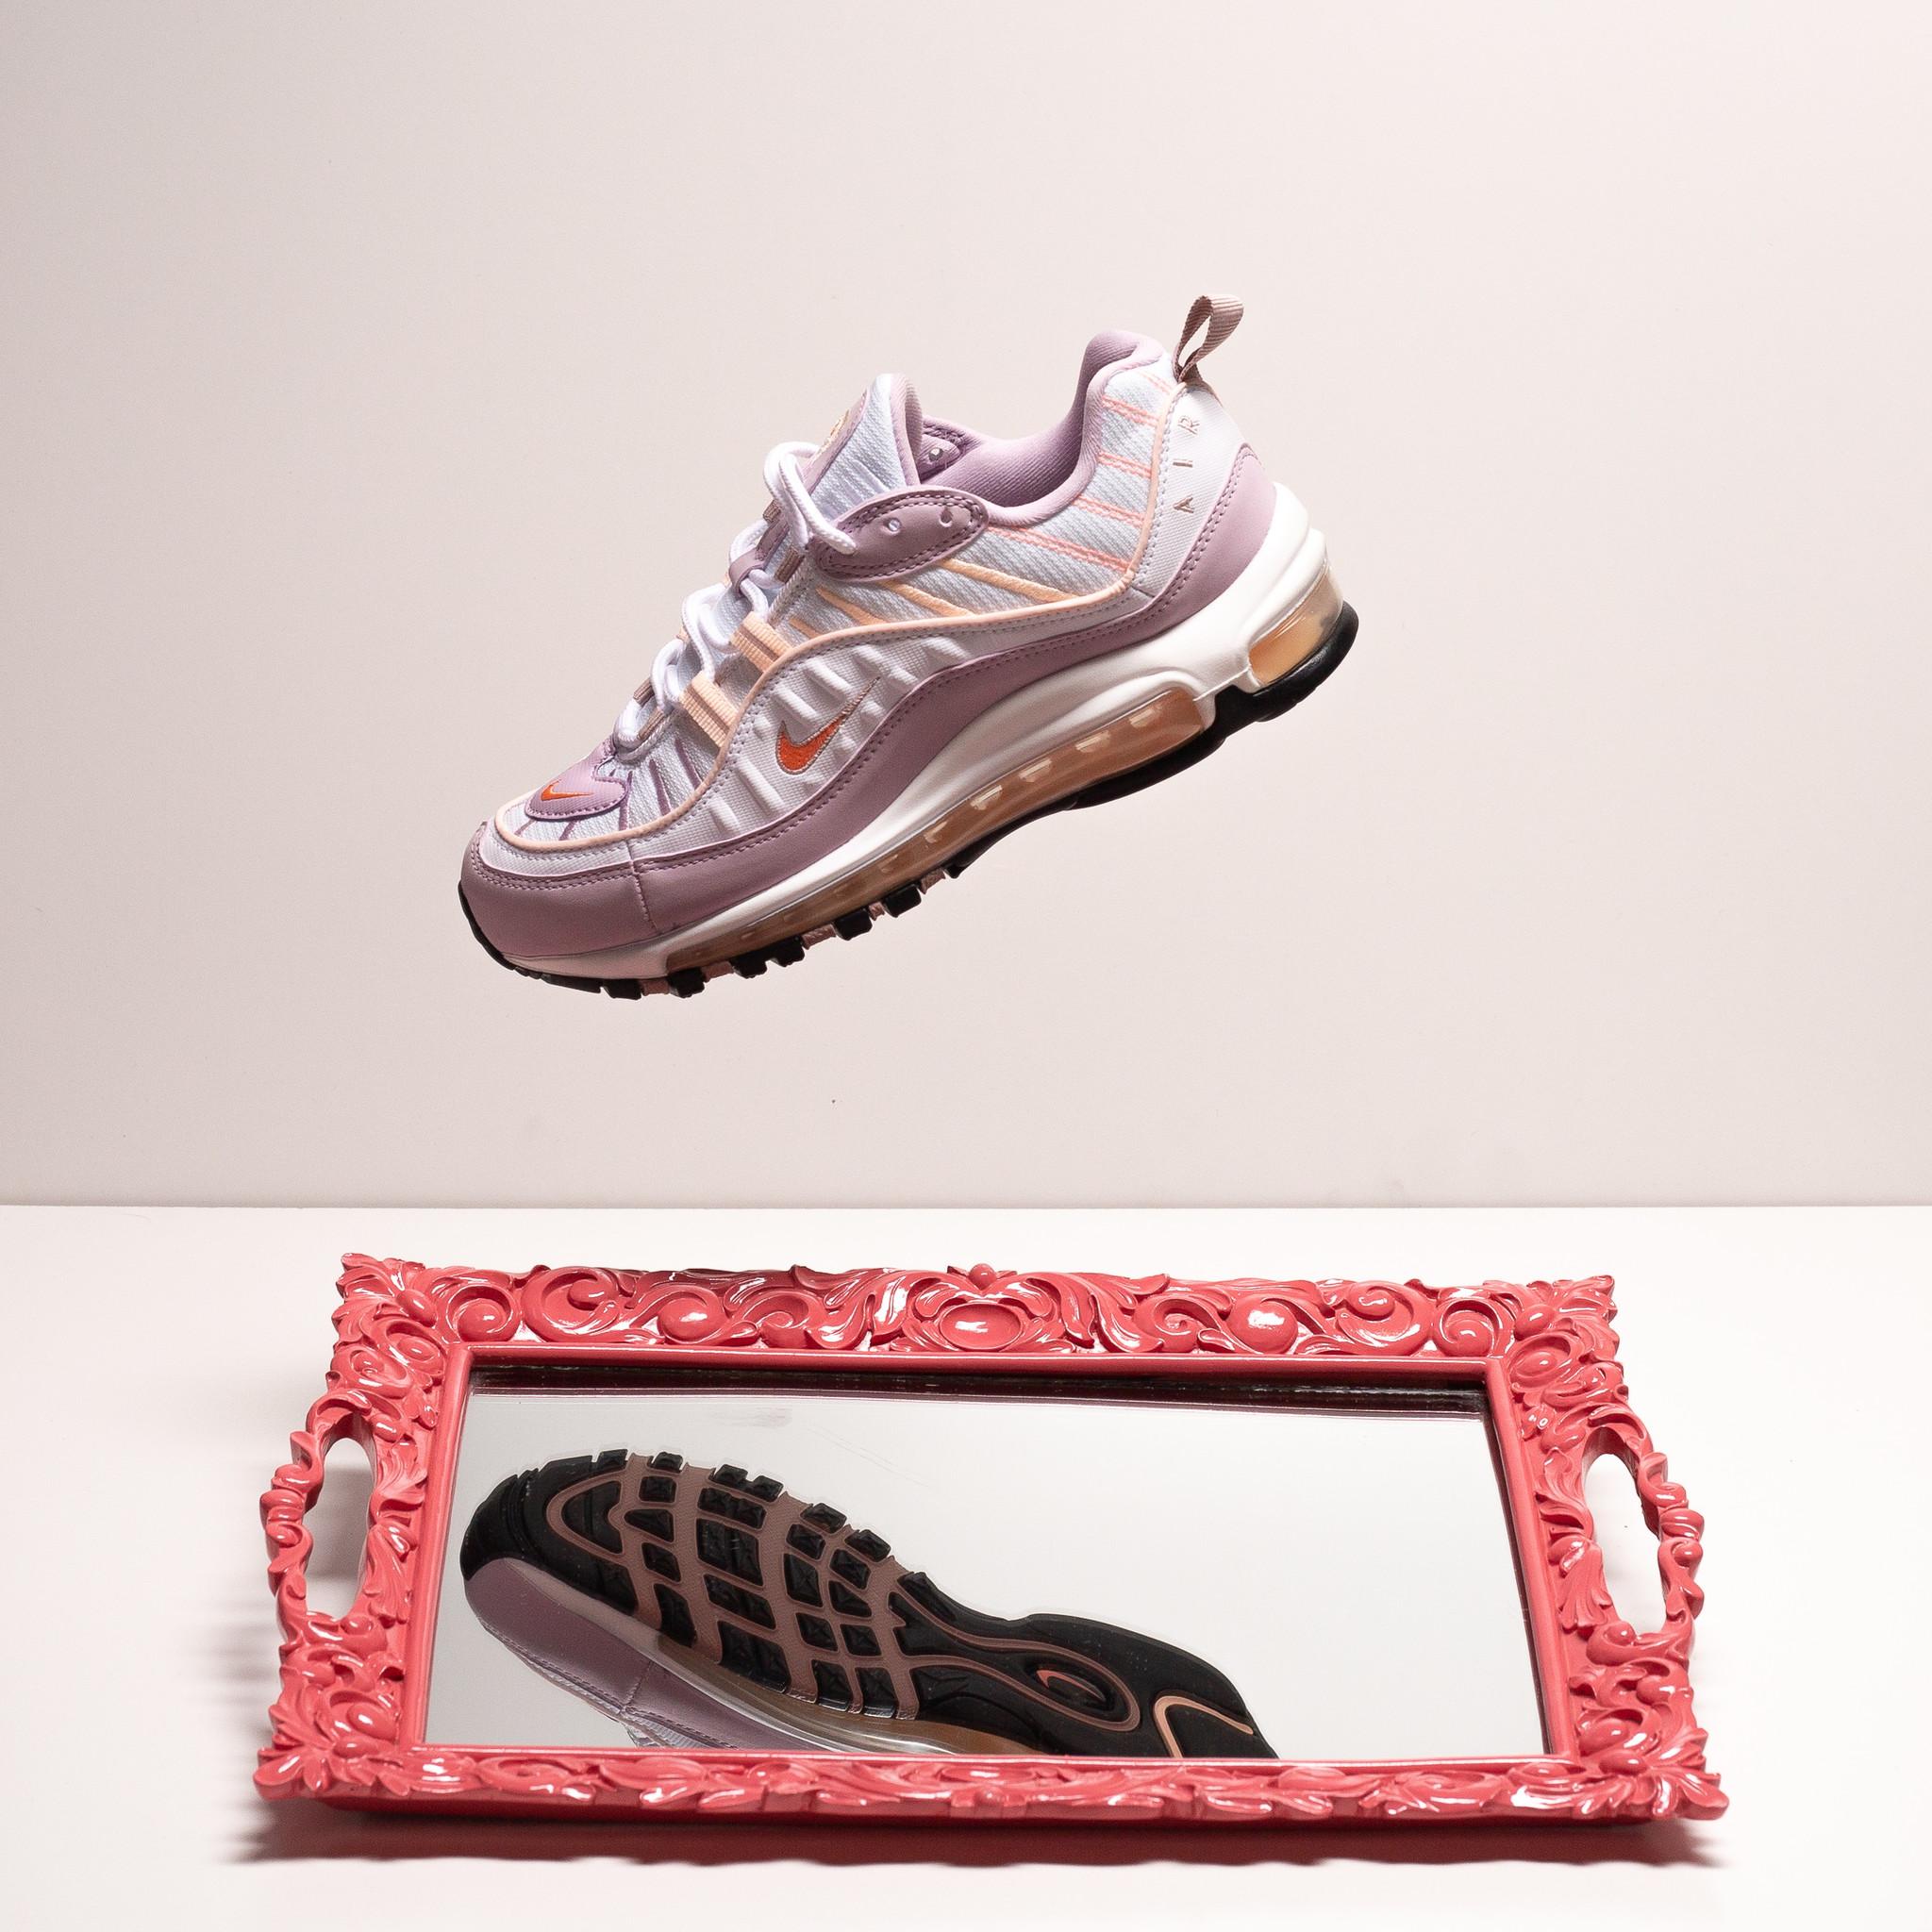 Nike WMNS Air Max 98 atomic pink